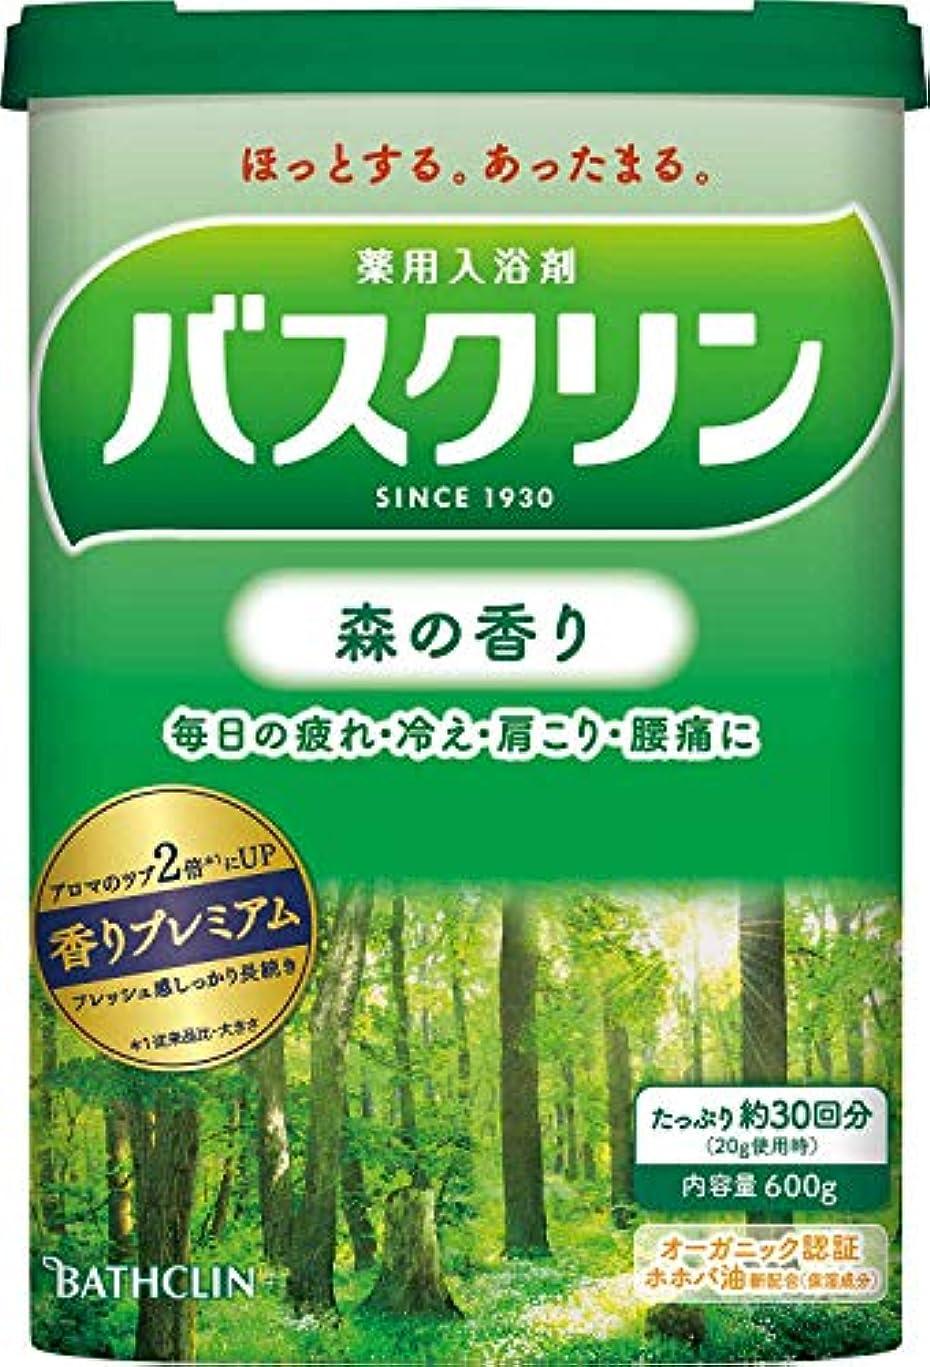 脚丁寧ビン【医薬部外品】バスクリン入浴剤 森の香り600g入浴剤(約30回分) 疲労回復